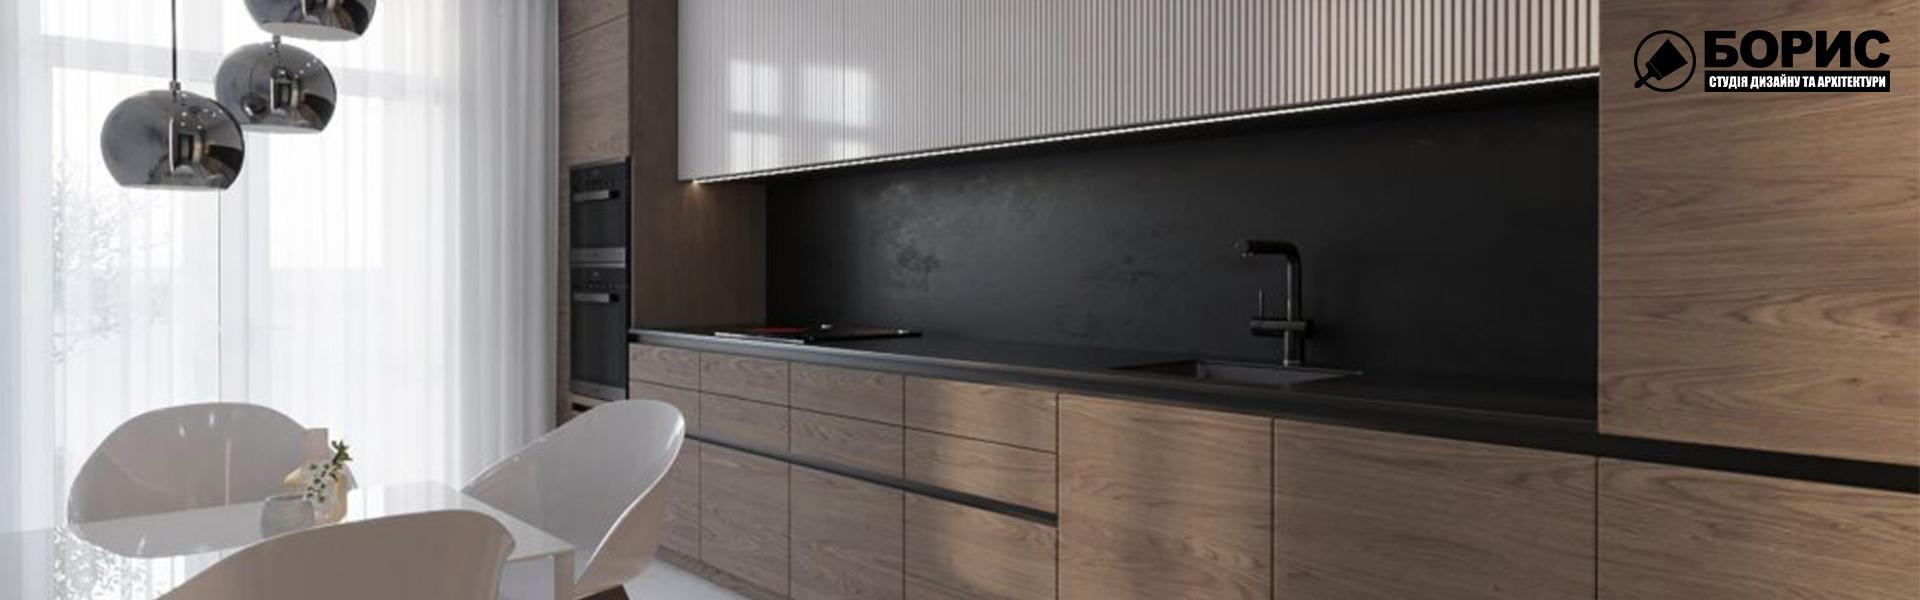 Дизайн кухні у сучасному стилі